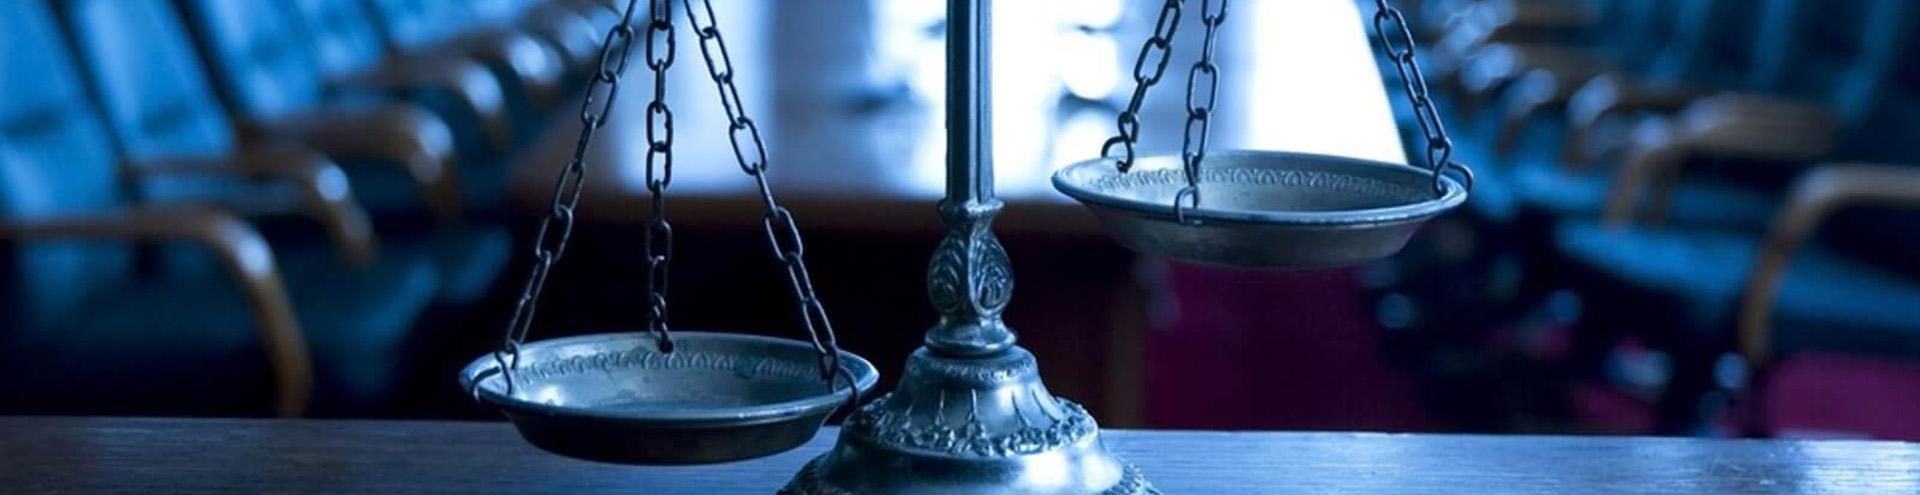 юридические услуги в Кургане